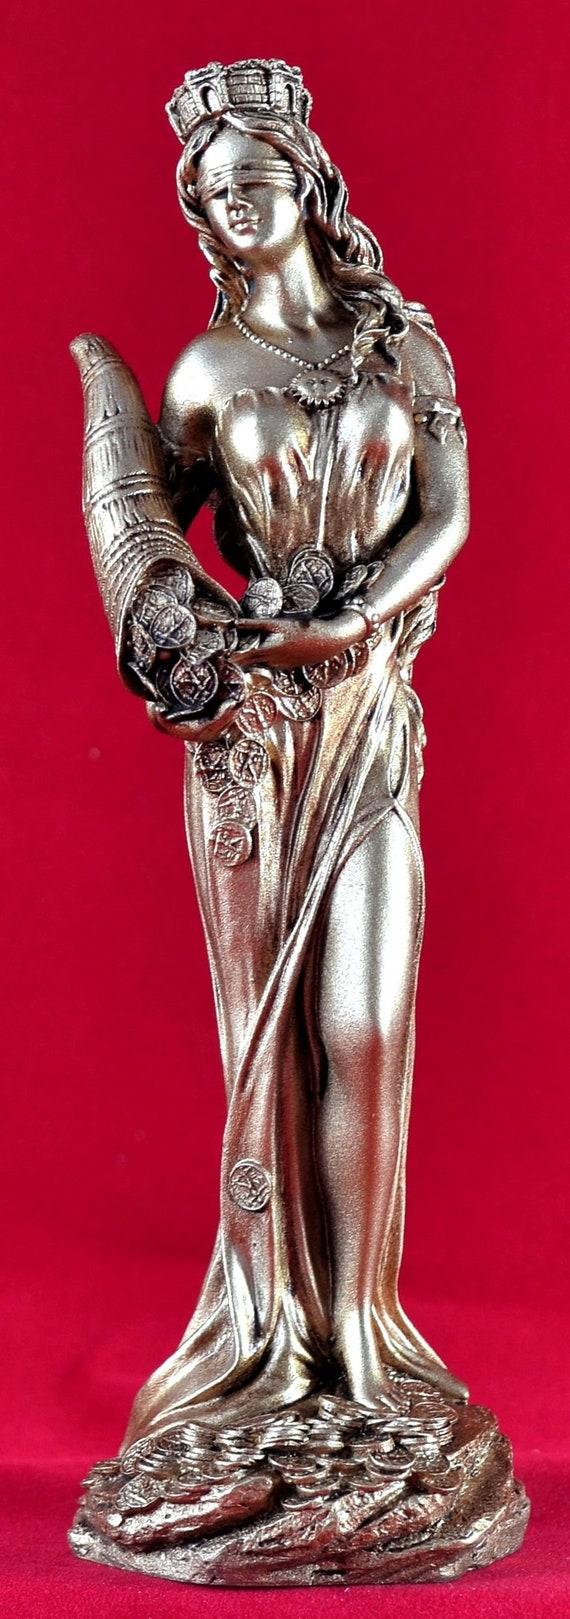 Griechische göttin des glücks